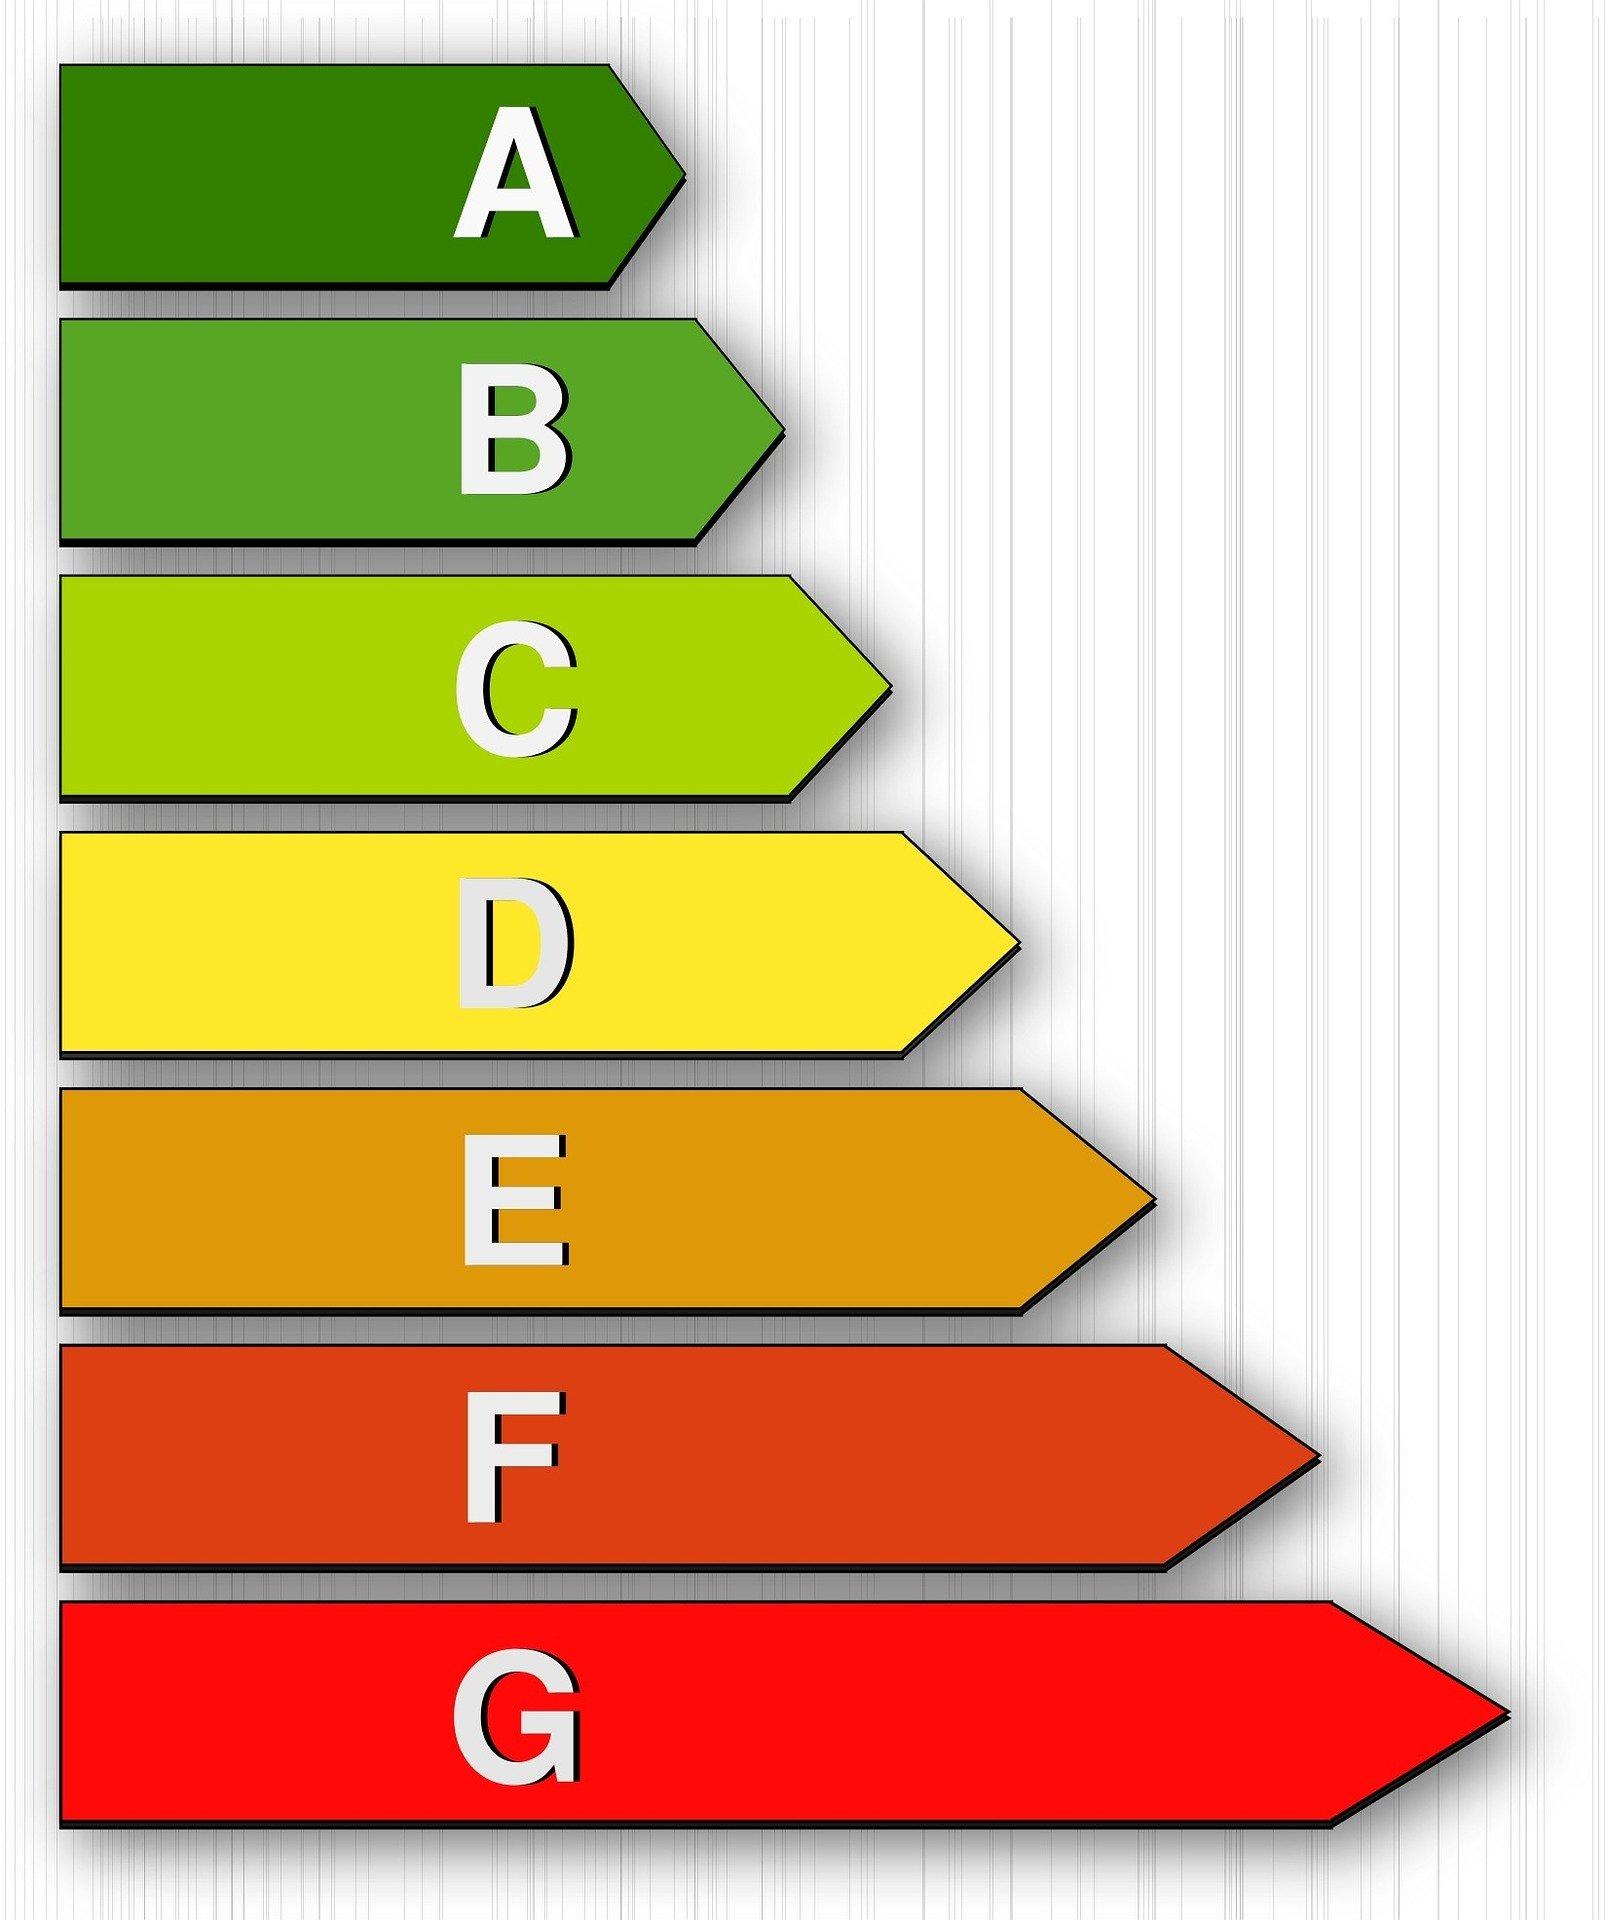 Die neuen Die neuen Energieeffizienzklassen - Bild: pixabay